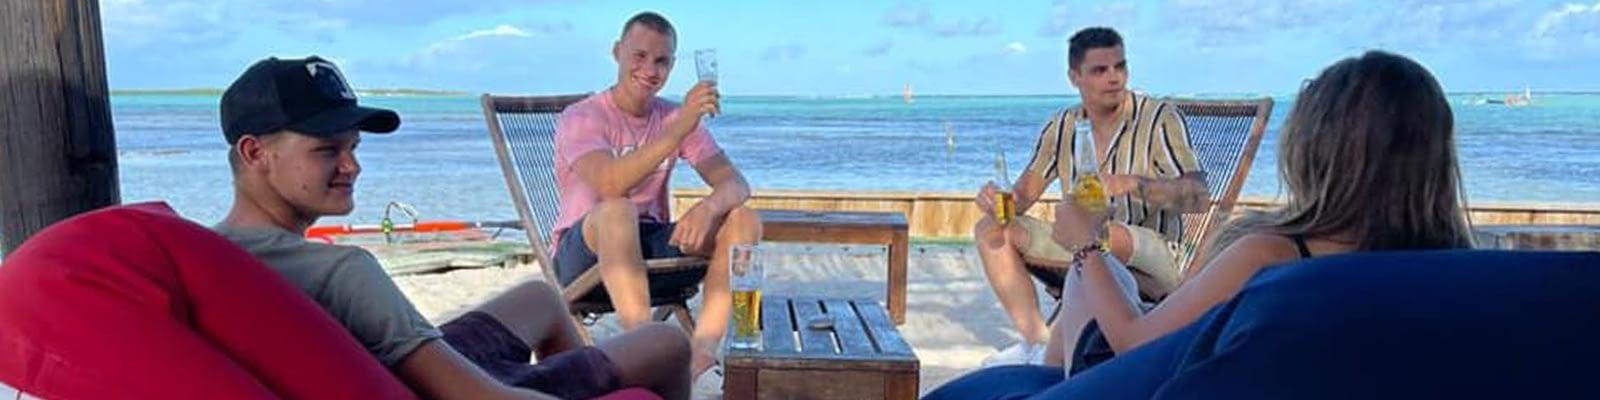 sebastians-beach-bar-restaurant-bonaire-slider-2